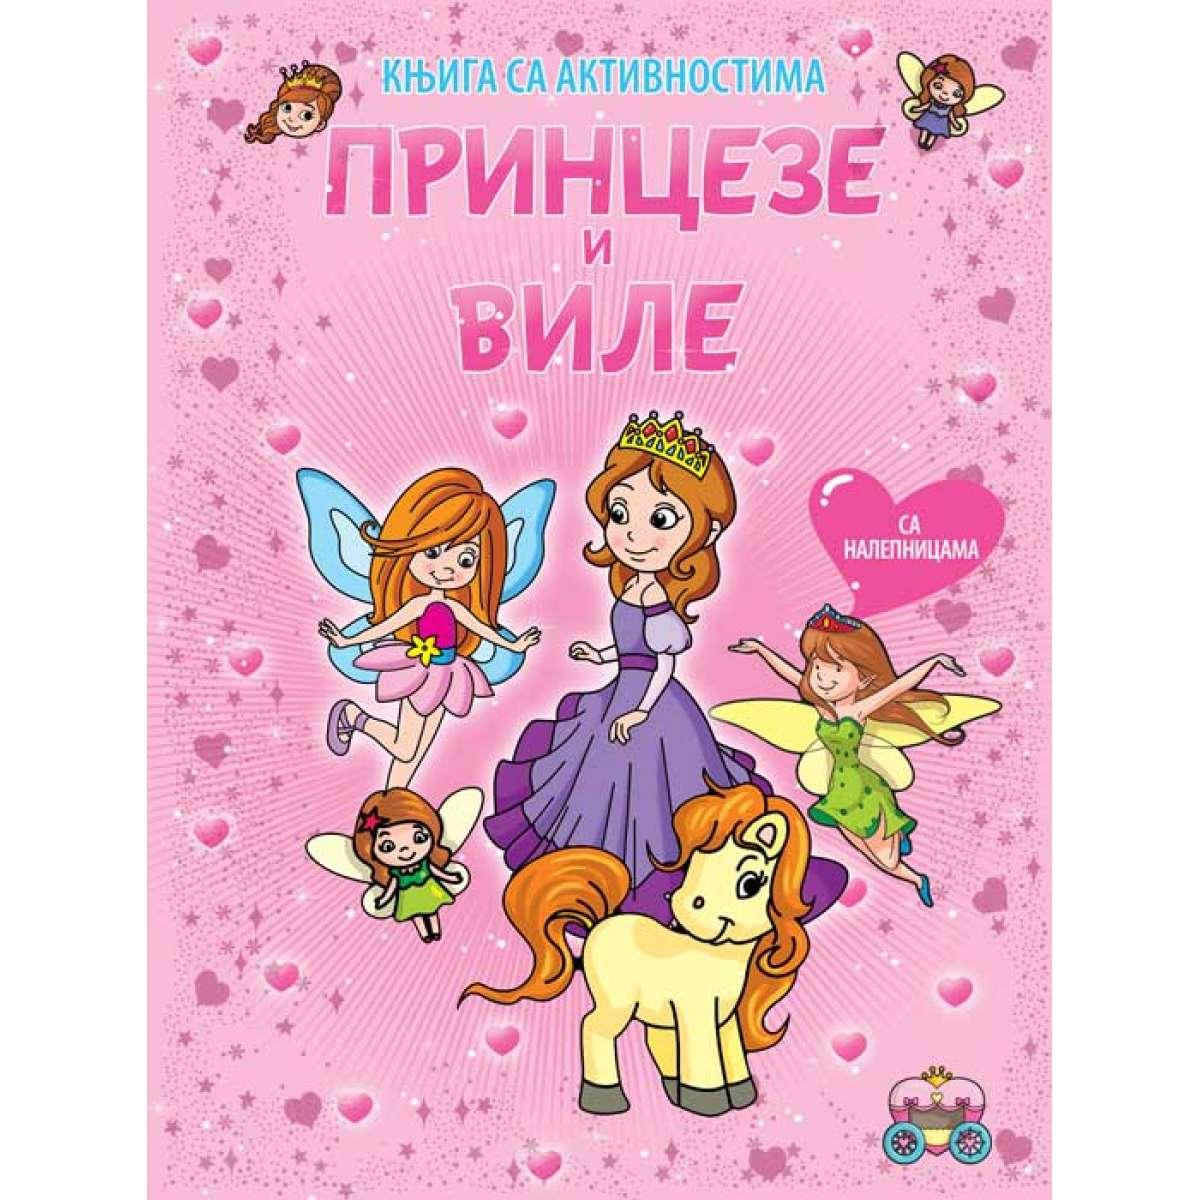 Knjiga sa aktivnostima: Princeze i vile